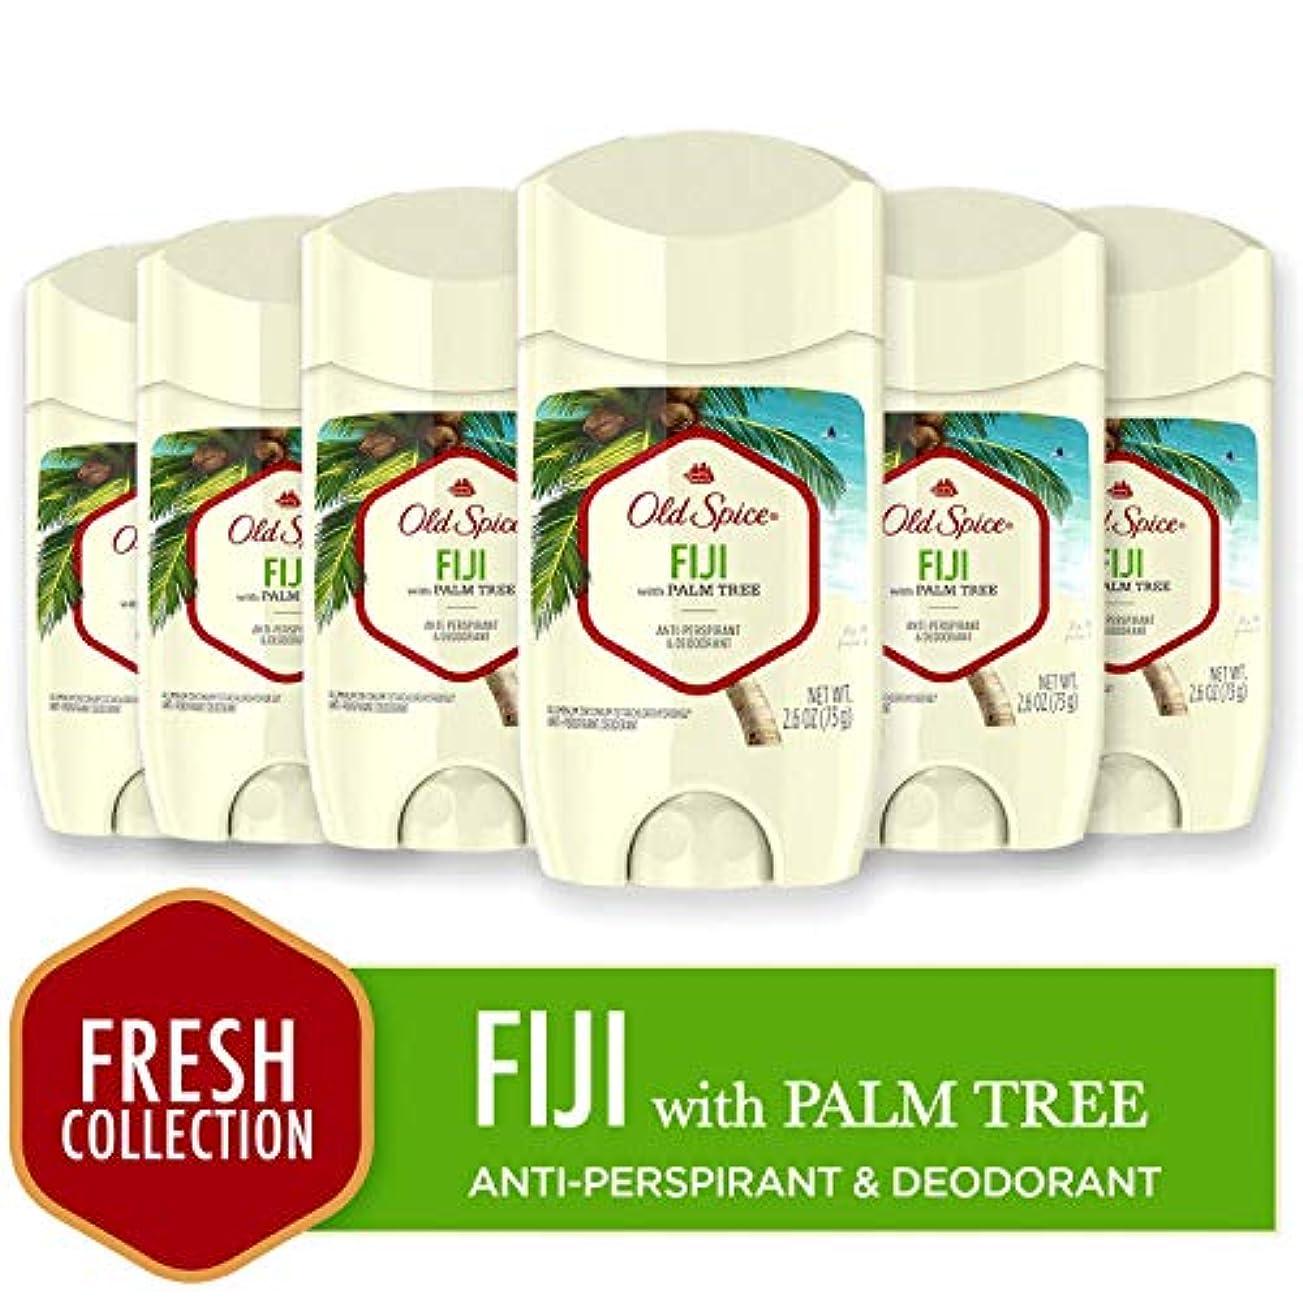 四回特異なたらいOld Spice 制汗消臭男性のために、フレッシャーコレクション、フィジー2.6オズ(6パック)、ココナッツ&トロピカルウッド香り、目に見えないソリッド  海外直送